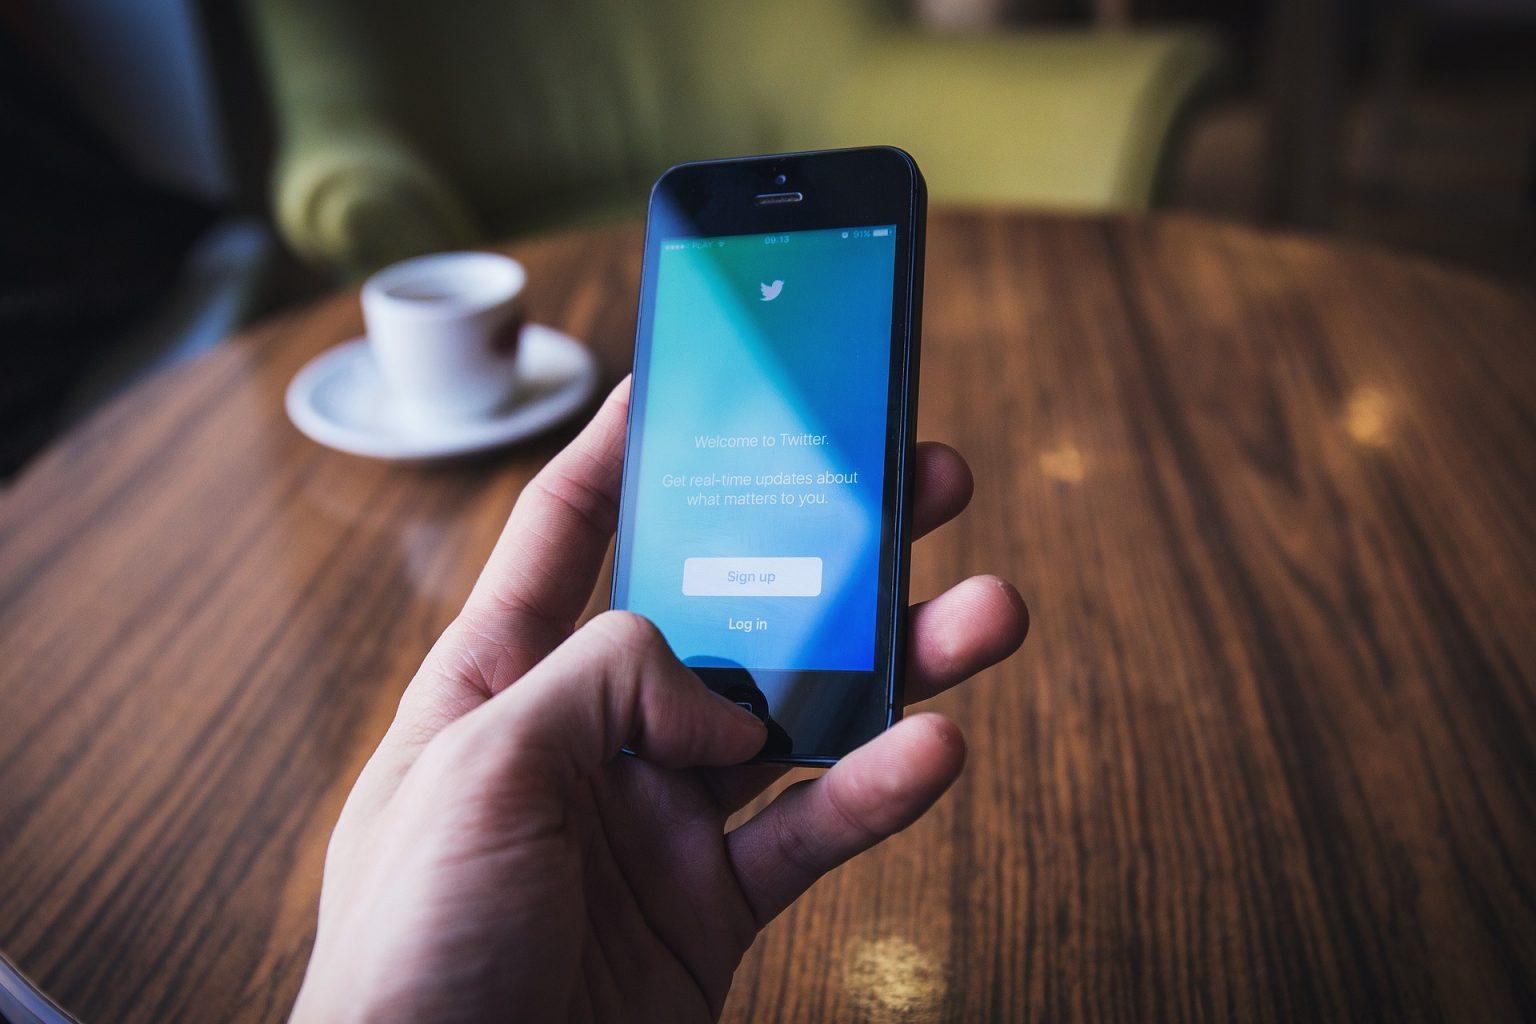 موقع انستغرام قد يقوم بتفعيل الإعلانات على مقاطع فيديو خدمة Instagram lGTV